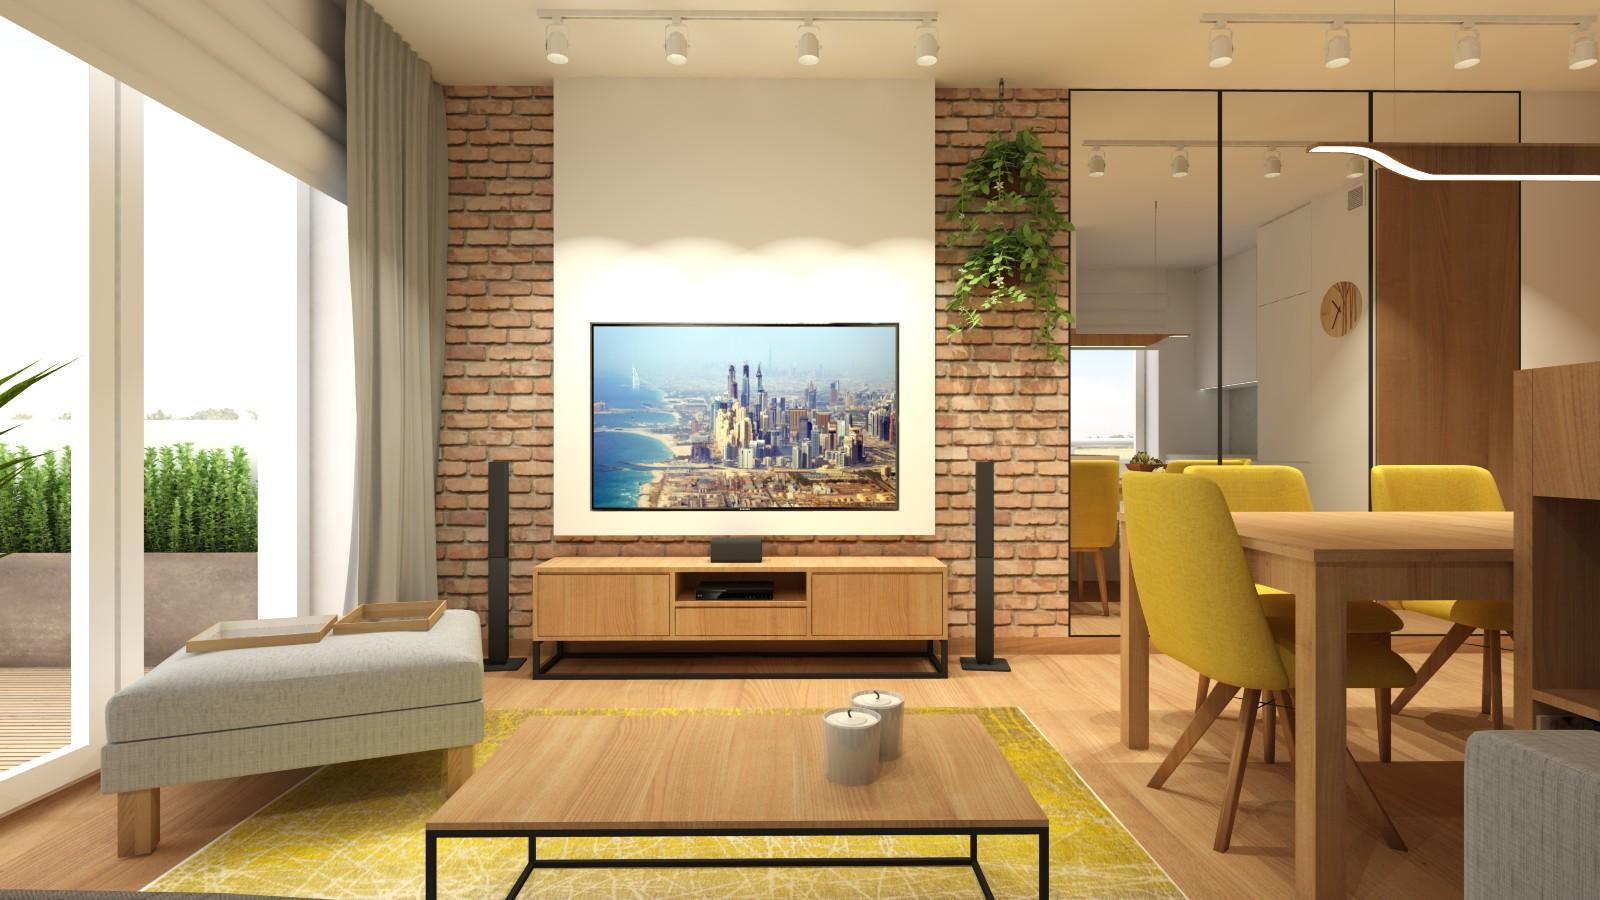 nowoczesny-salon-w-stylu-loftowym-z-zabudowa-tv-cegla-na-scianie-lustrami-aneksem-kuchennym-1